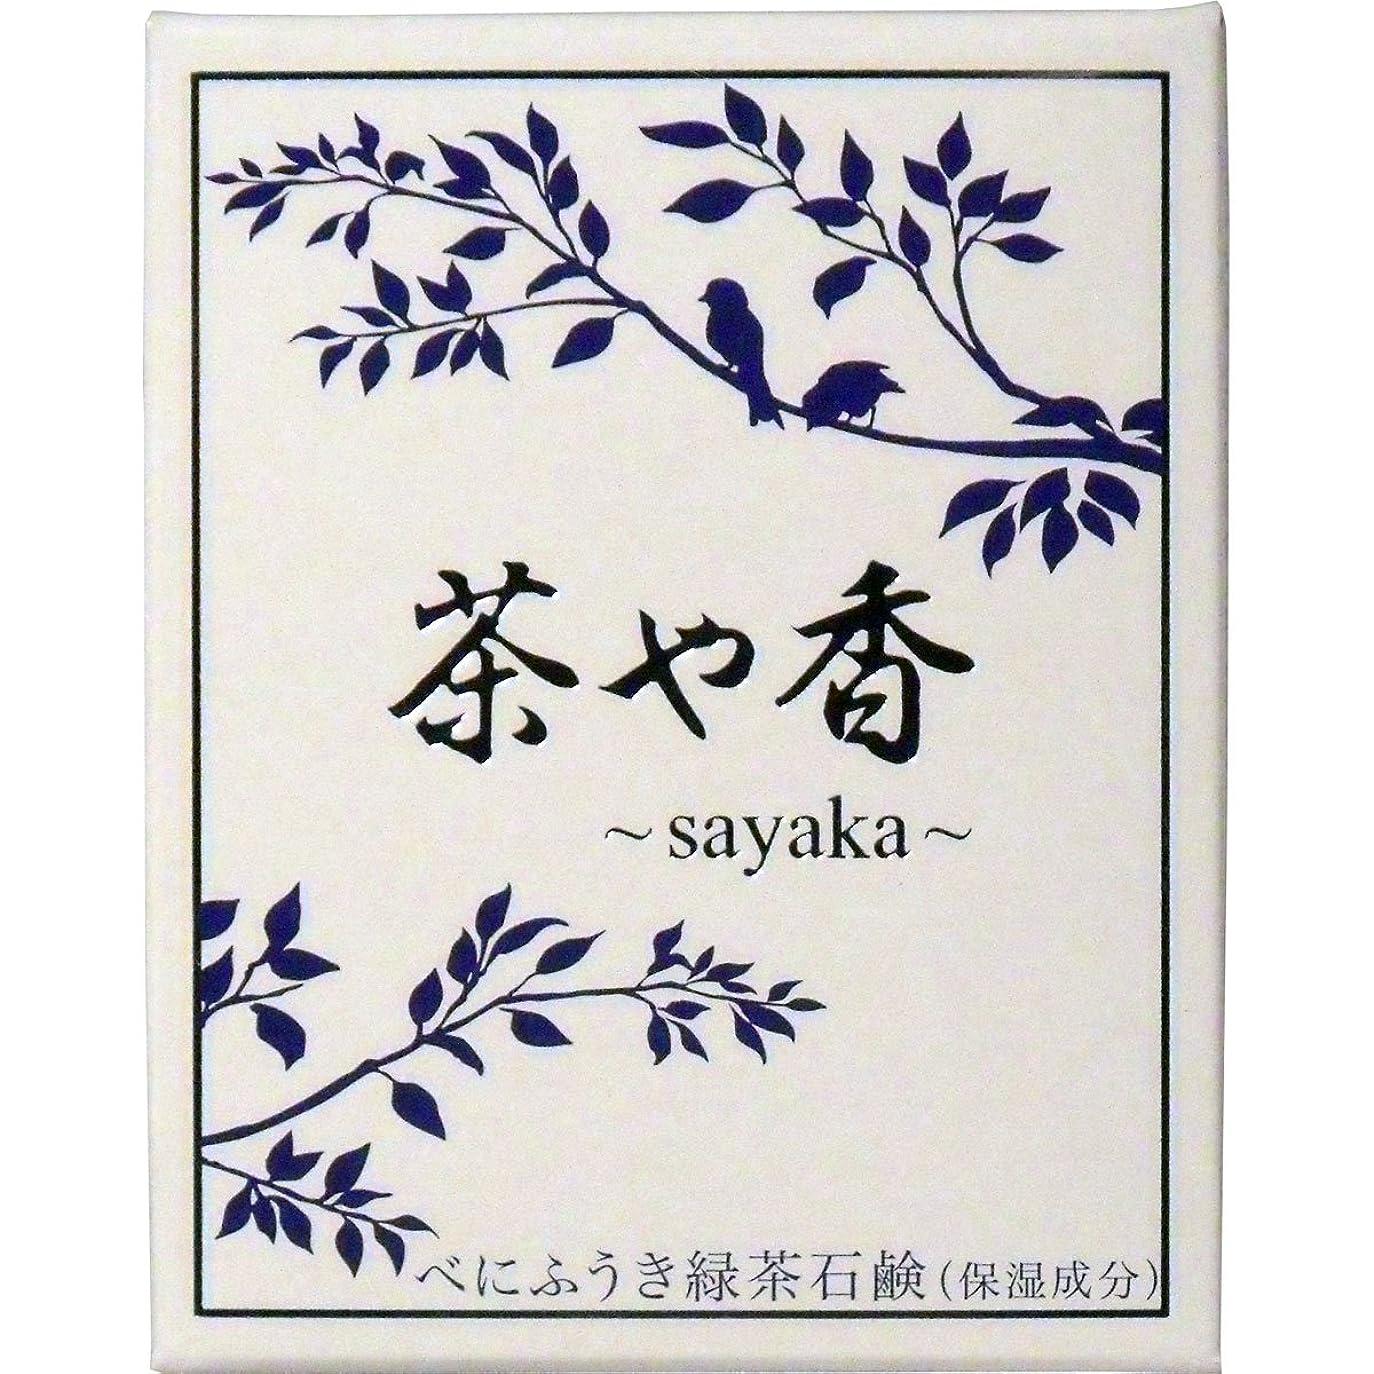 農村マダム権威茶や香 -sayaka- べにふうき緑茶石鹸 100g入 ×8個セット